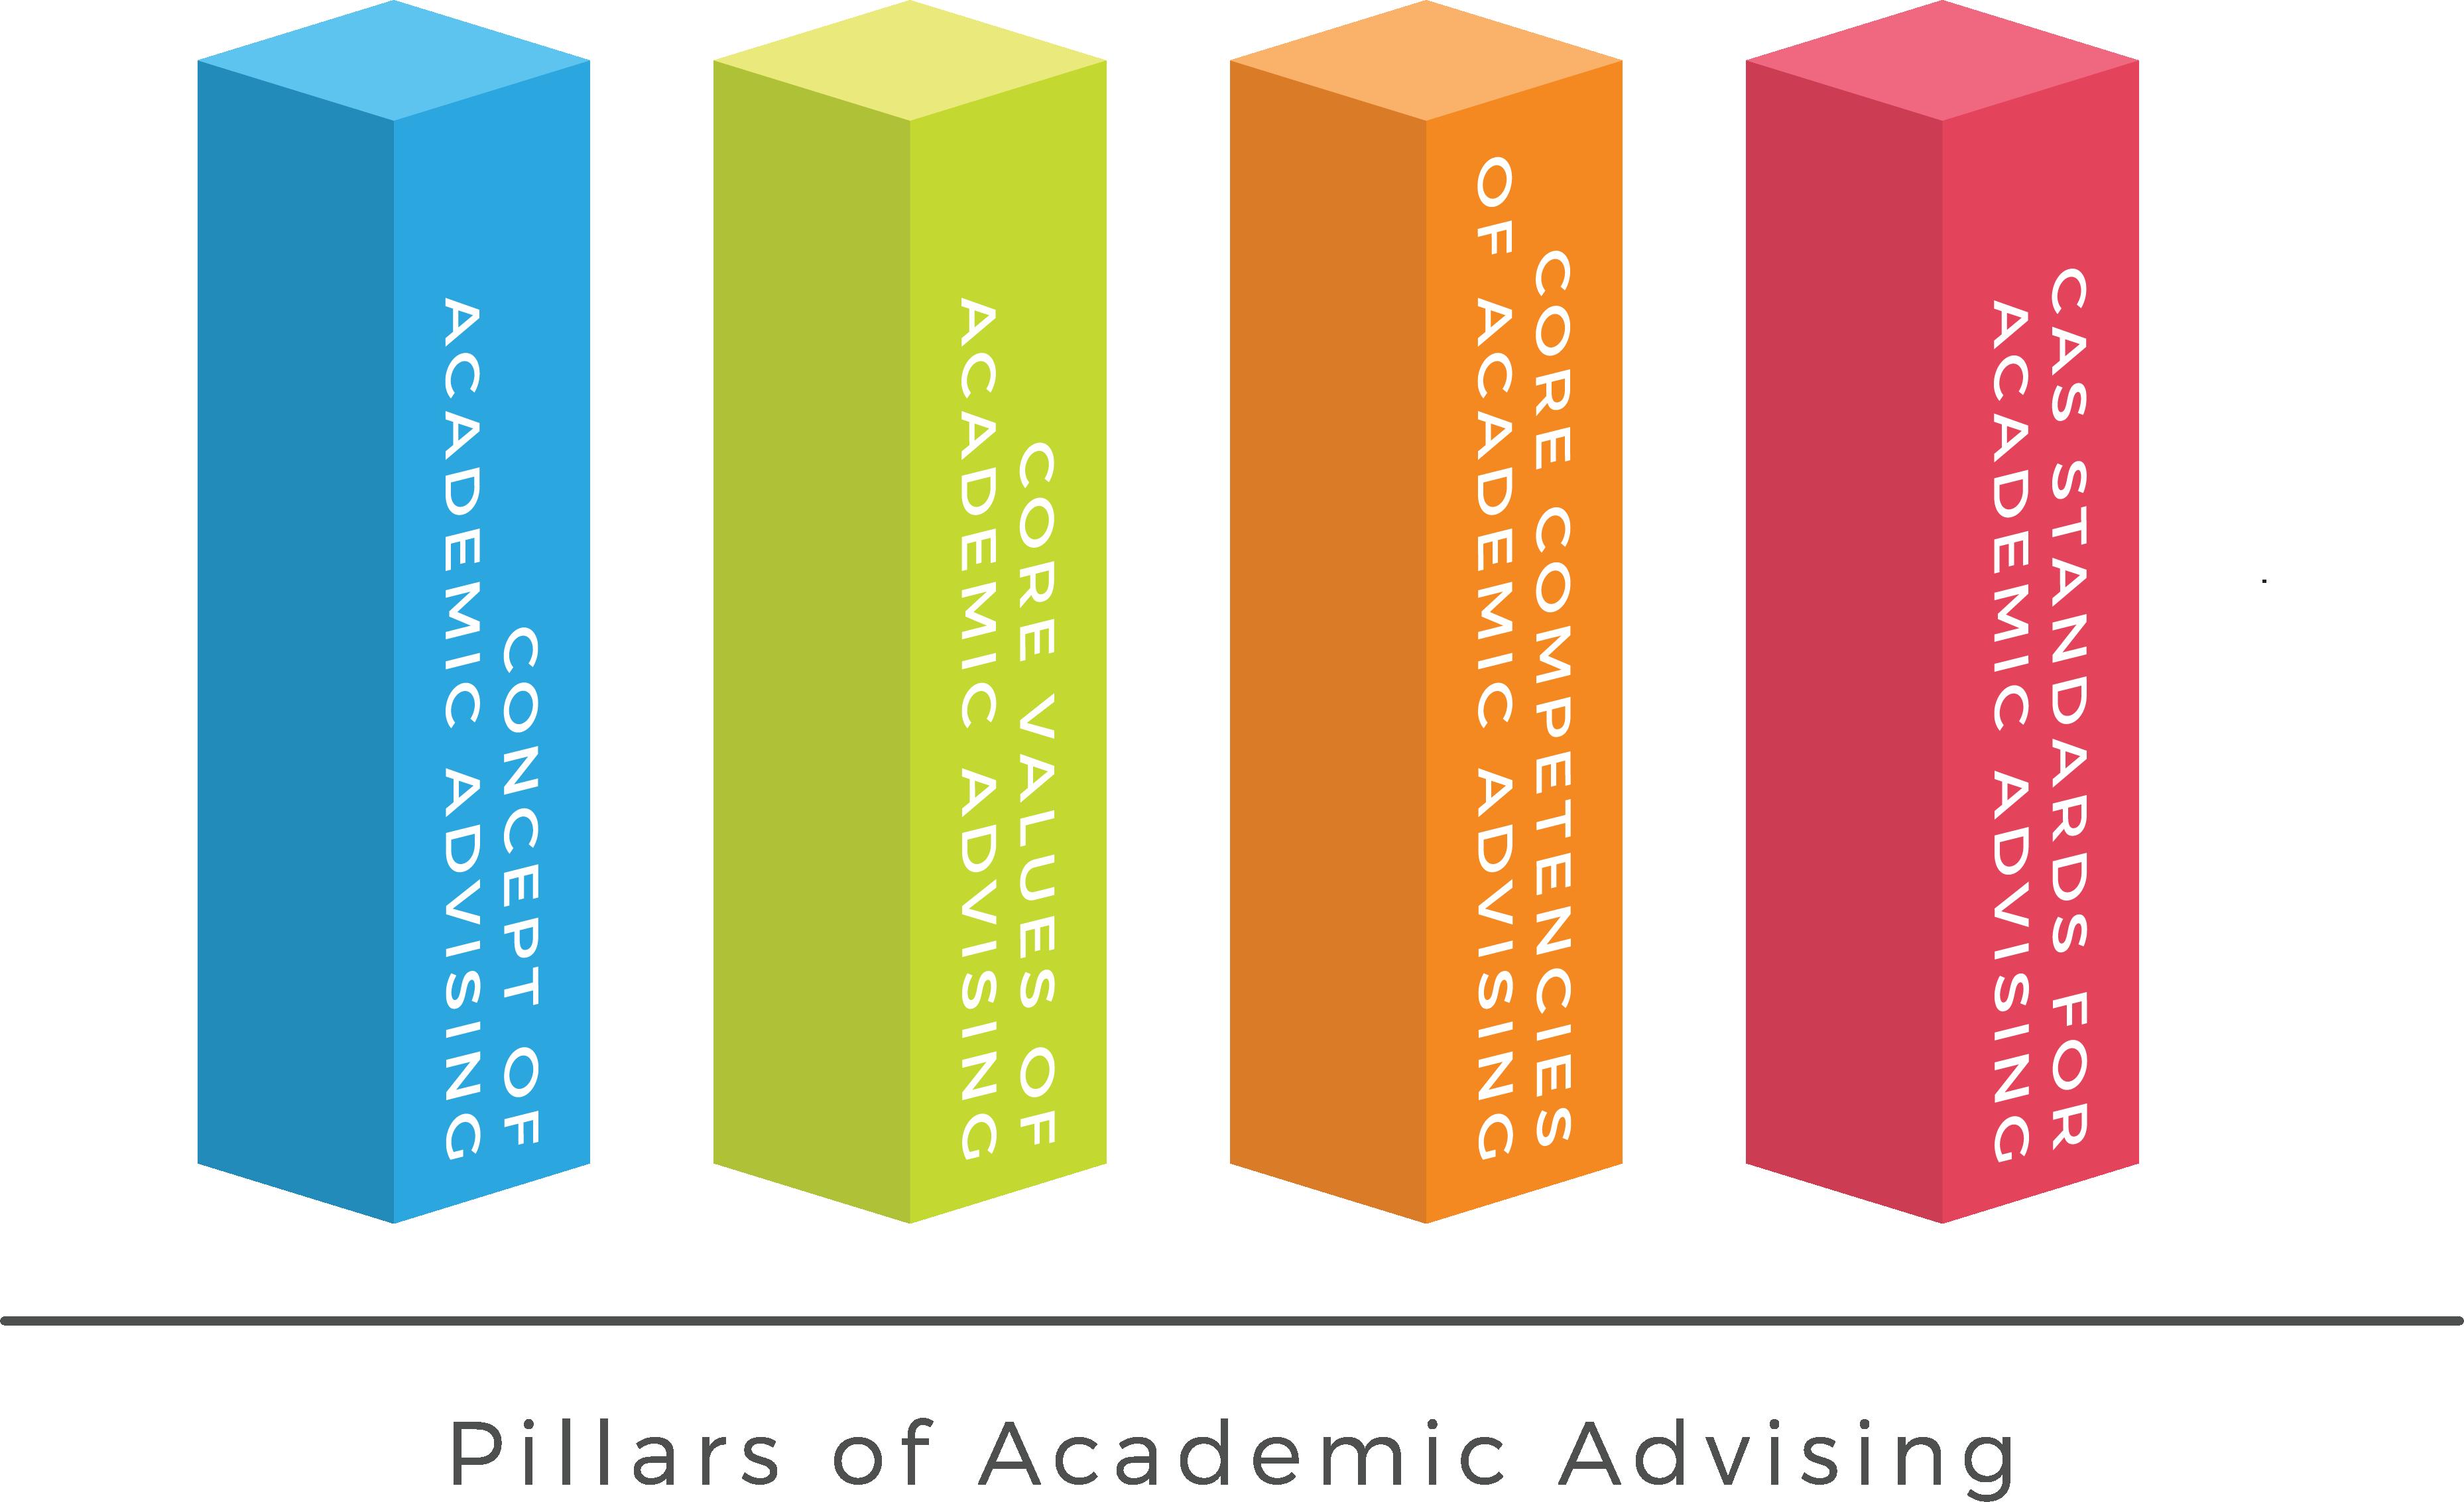 nacada resources pillars